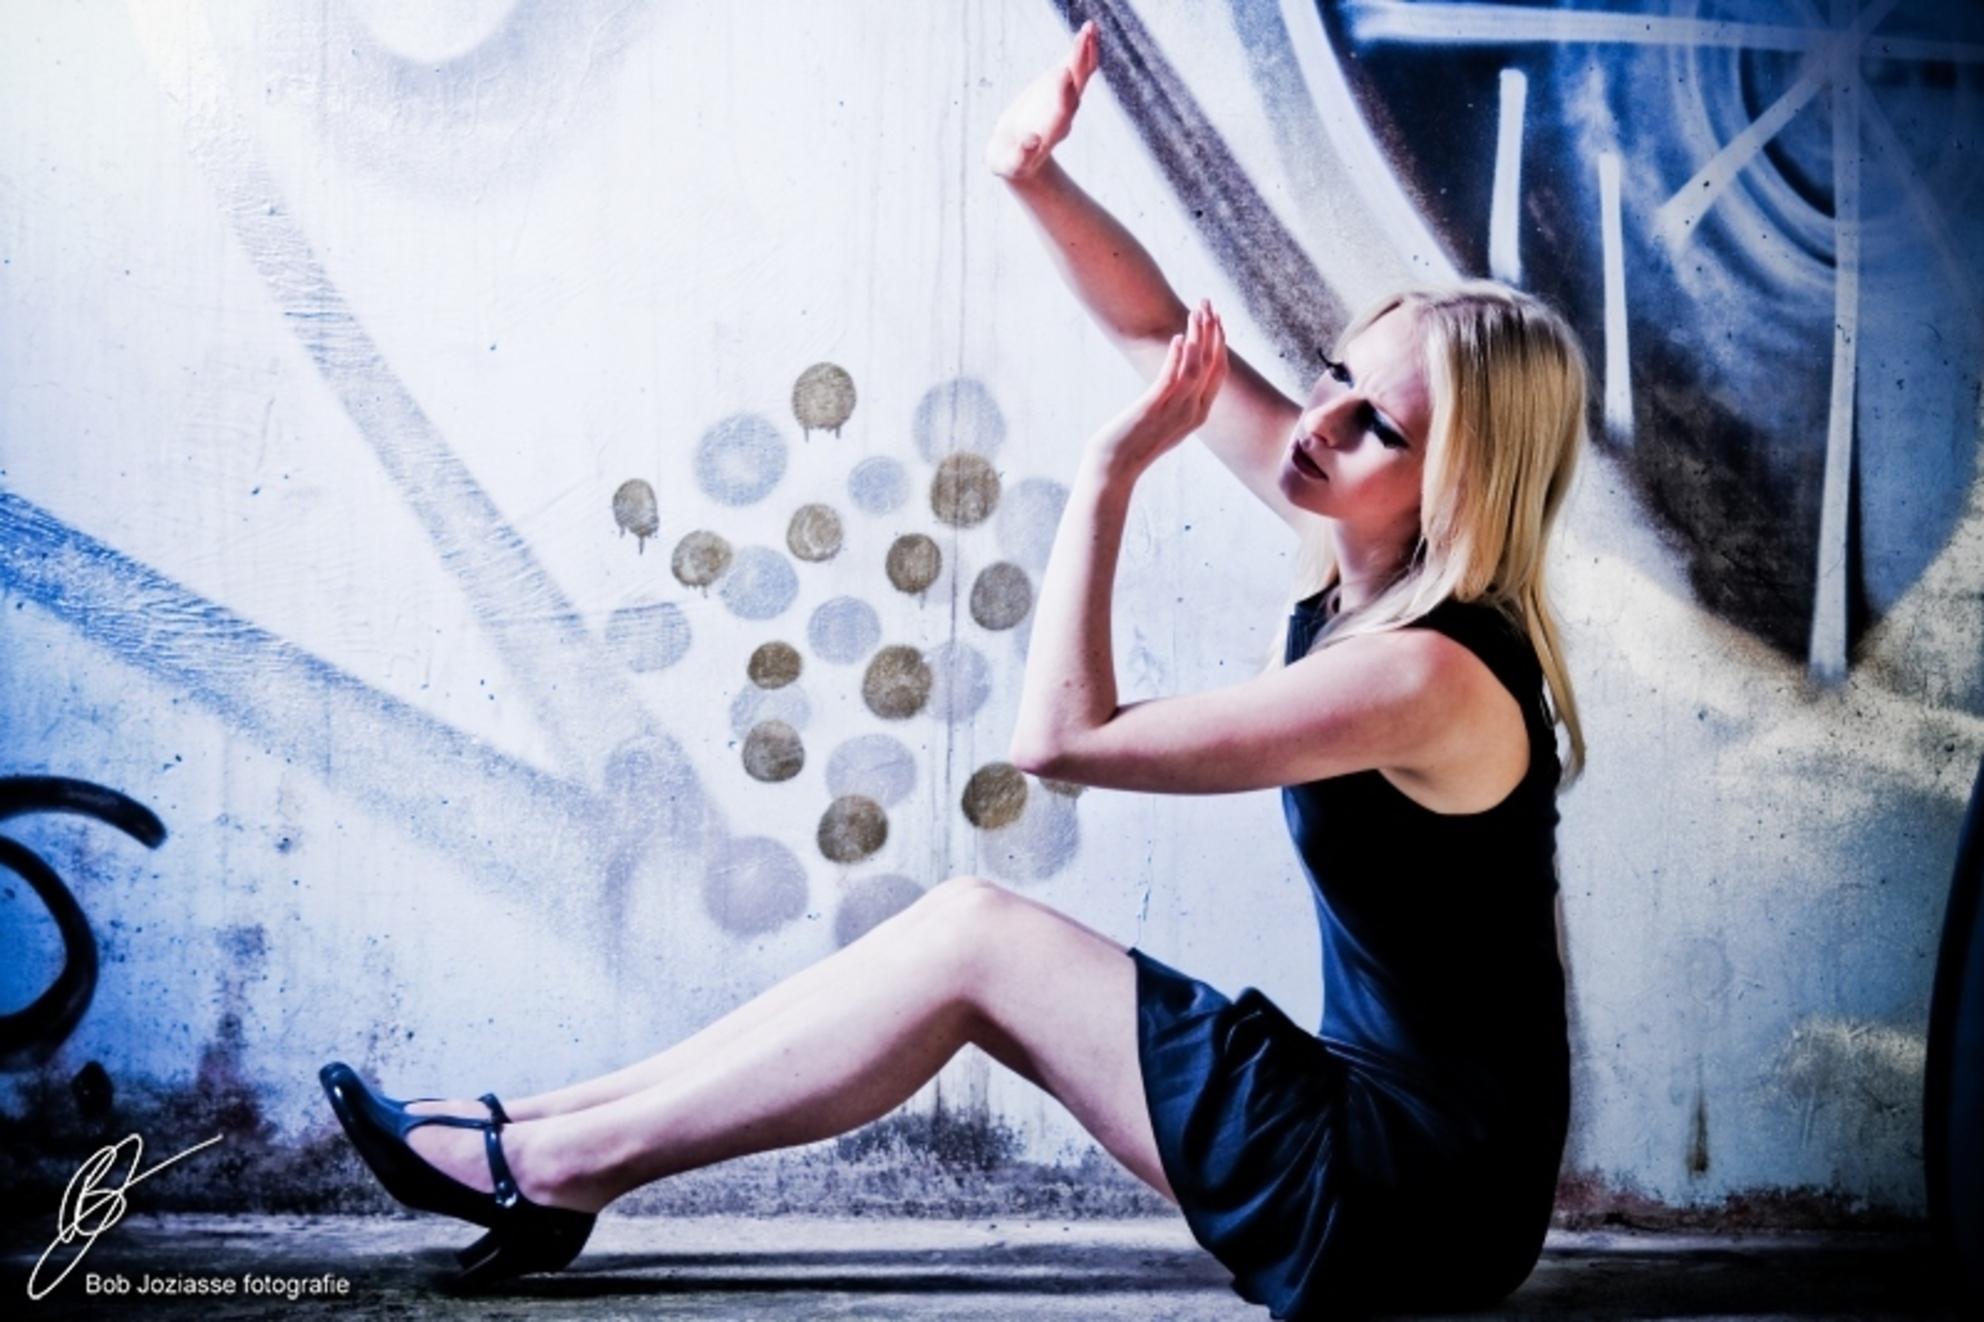 Charlotte - Model: Charlotte Visagie: Sabine  Ik vond deze foto wel wat aparts hebben. Door de pose en het licht vond ik het een 'buitenaards' tintje hebben. - foto door Kagayaki op 16-07-2008 - deze foto bevat: blauw, zon, licht, model, ufo, grafity, fel, pose, alien, buitenaards, bob, charlotte, sabine, visagie, kagayaki, joziasse - Deze foto mag gebruikt worden in een Zoom.nl publicatie